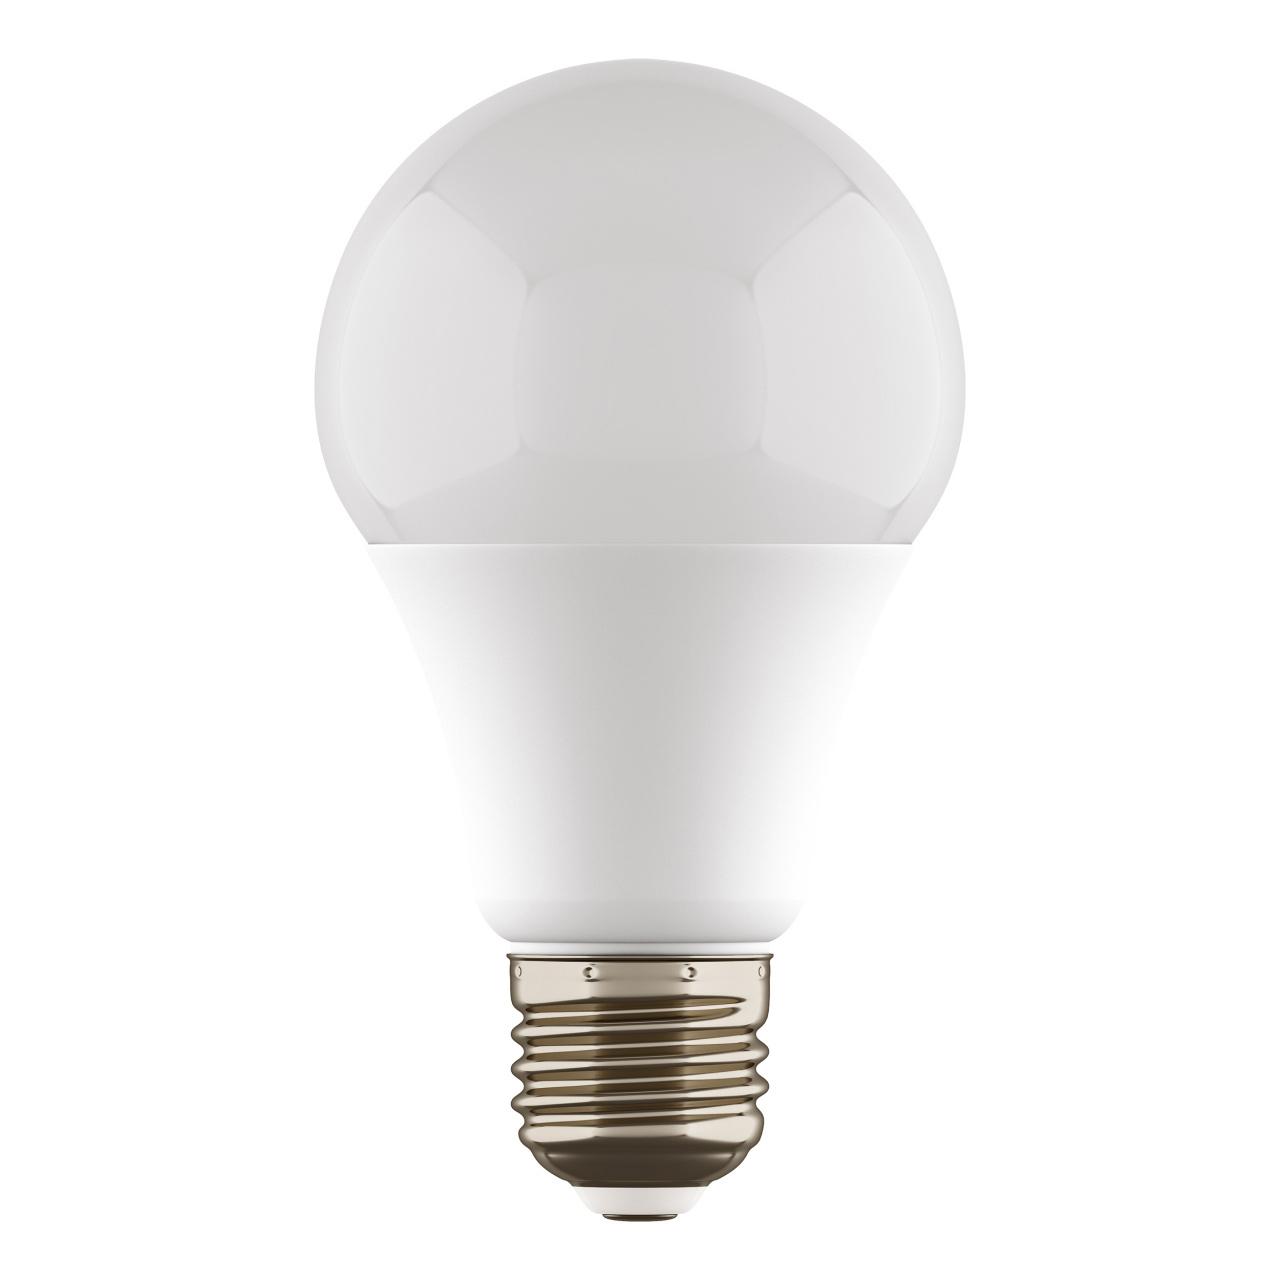 Лампа LED 220V A19 E27 6W=60W 500LM 360G 4000K DIMM Lightstar 940014